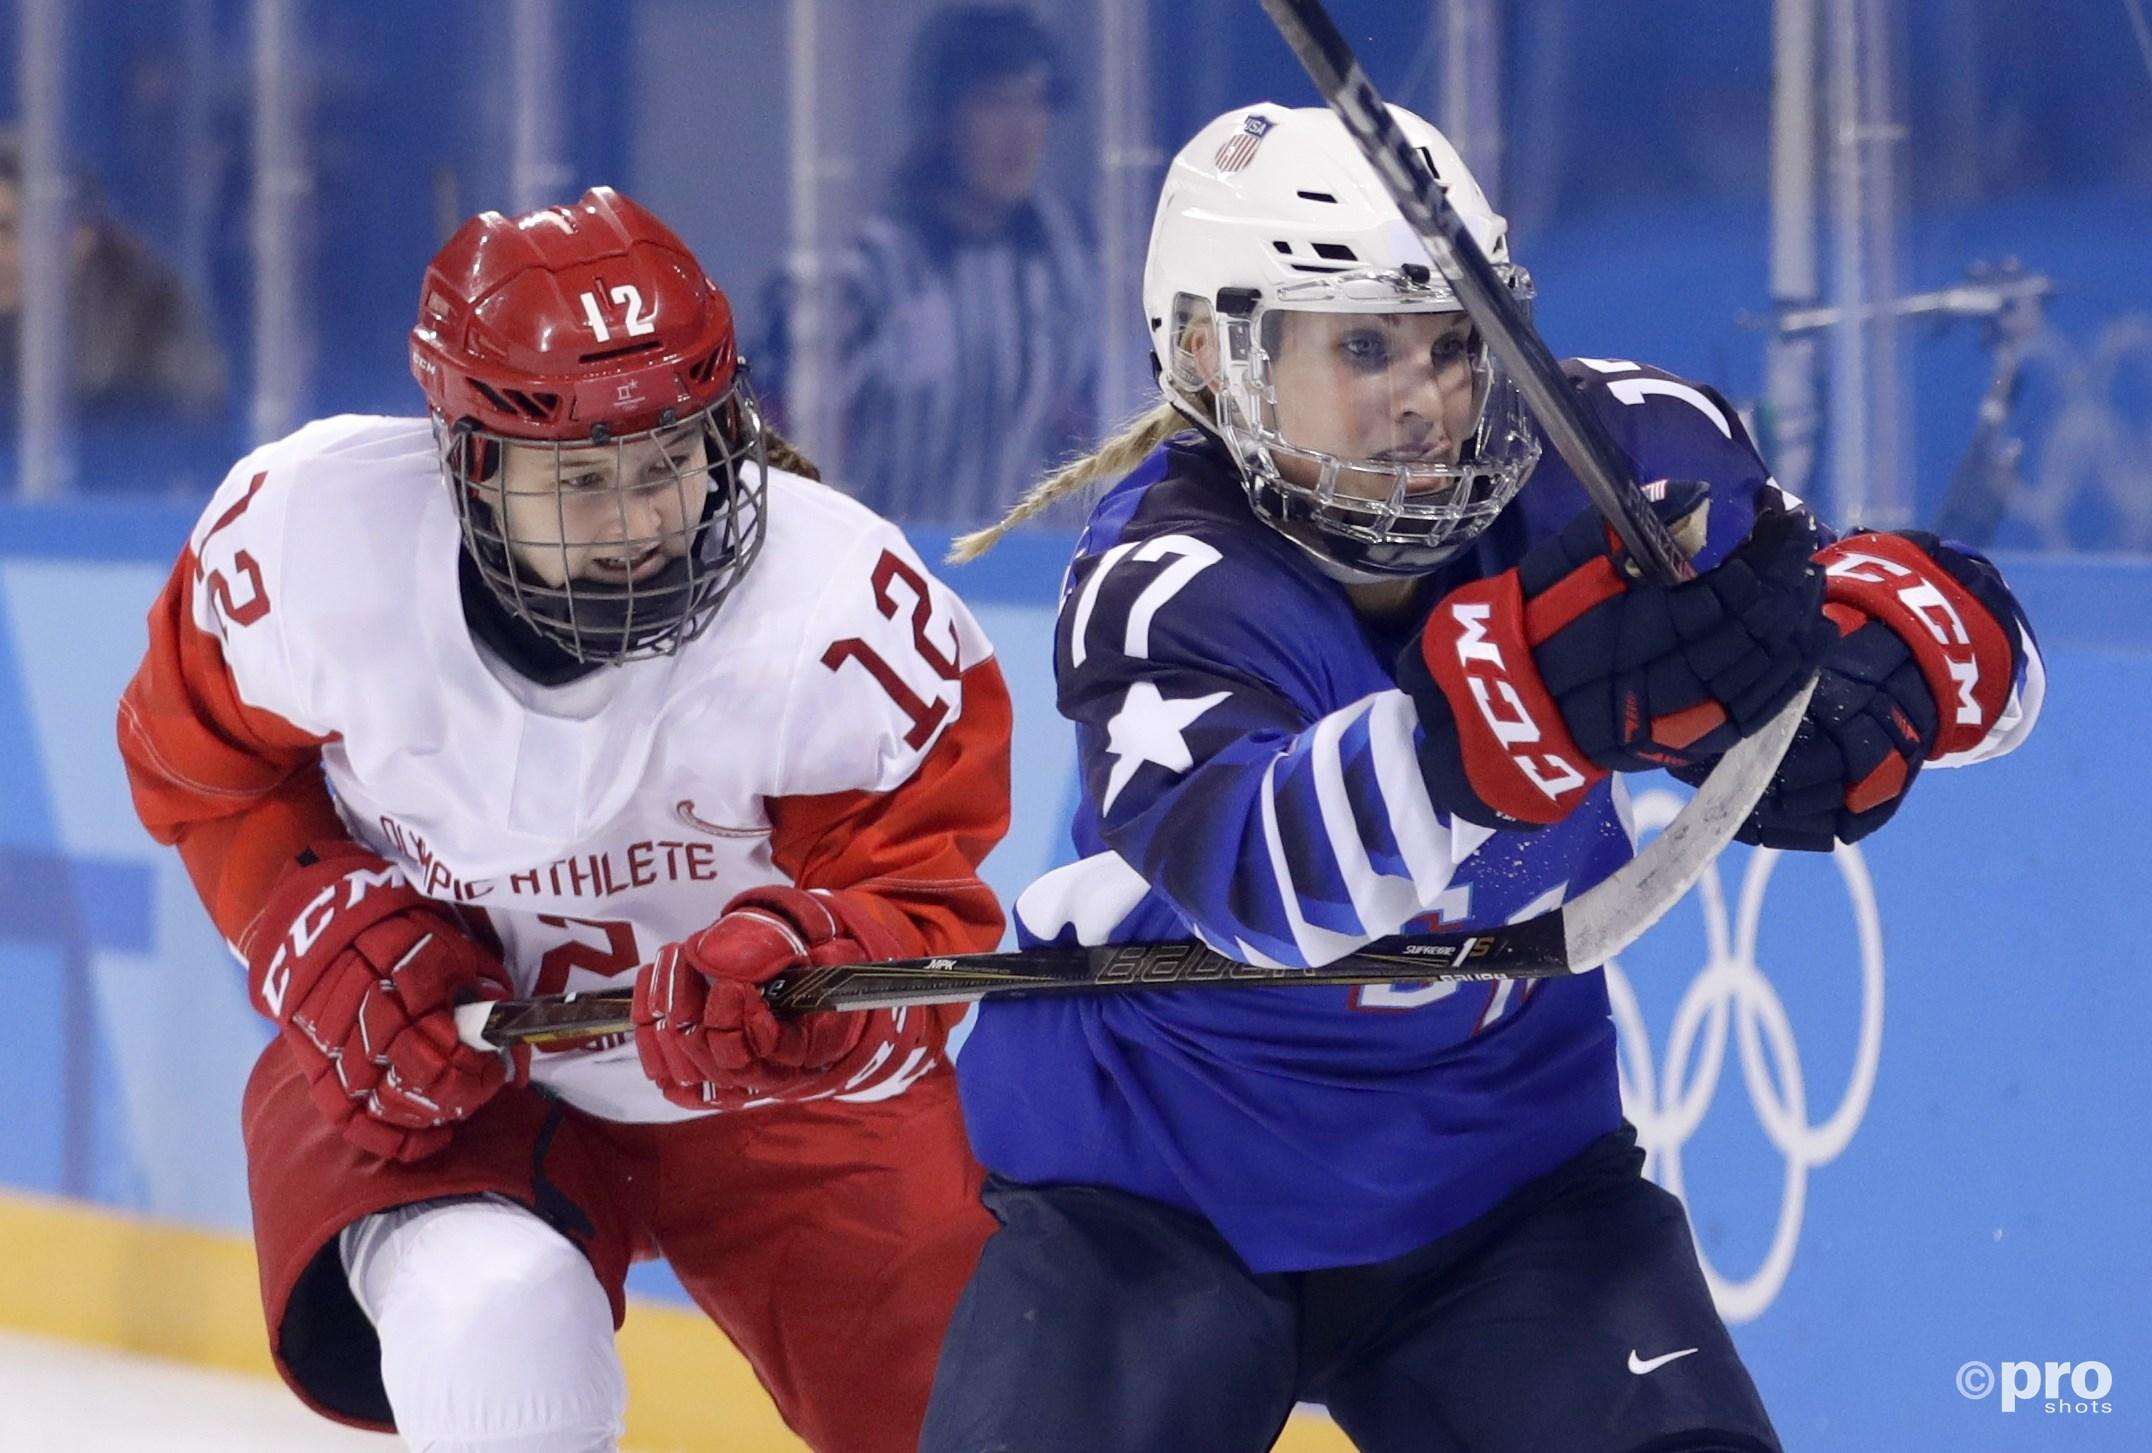 Jocelyne Lamoureux-Davidson zette een nieuw olympisch record neer met twee razendsnelle goals (Pro Shots/Action Images)